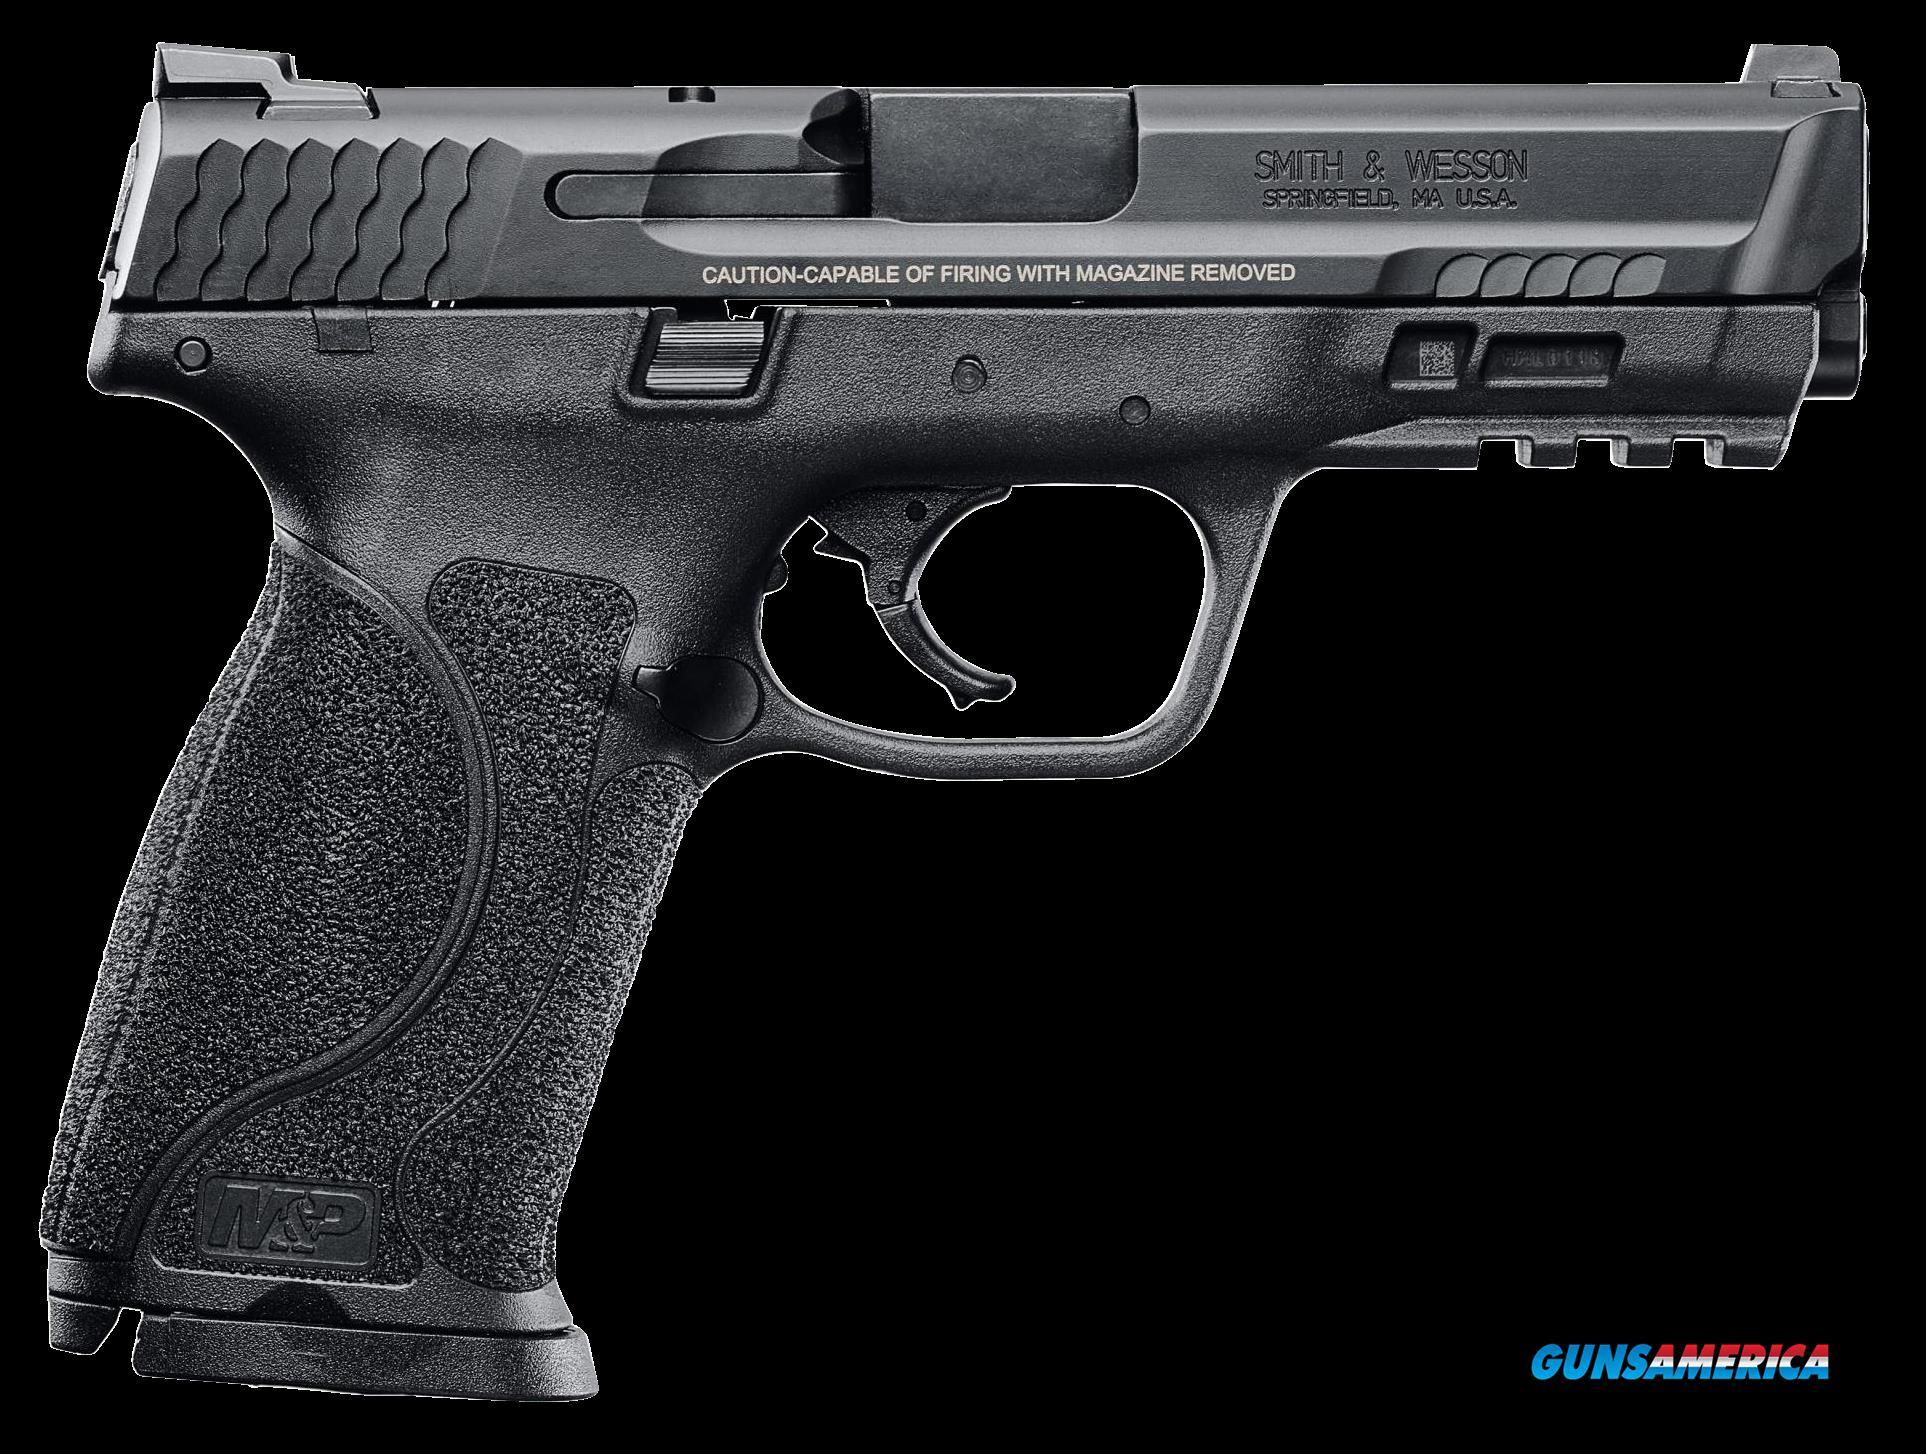 Smith & Wesson M&p 40, S&w M&p40     11522   40 4.25 M2.0            15r  Guns > Pistols > 1911 Pistol Copies (non-Colt)